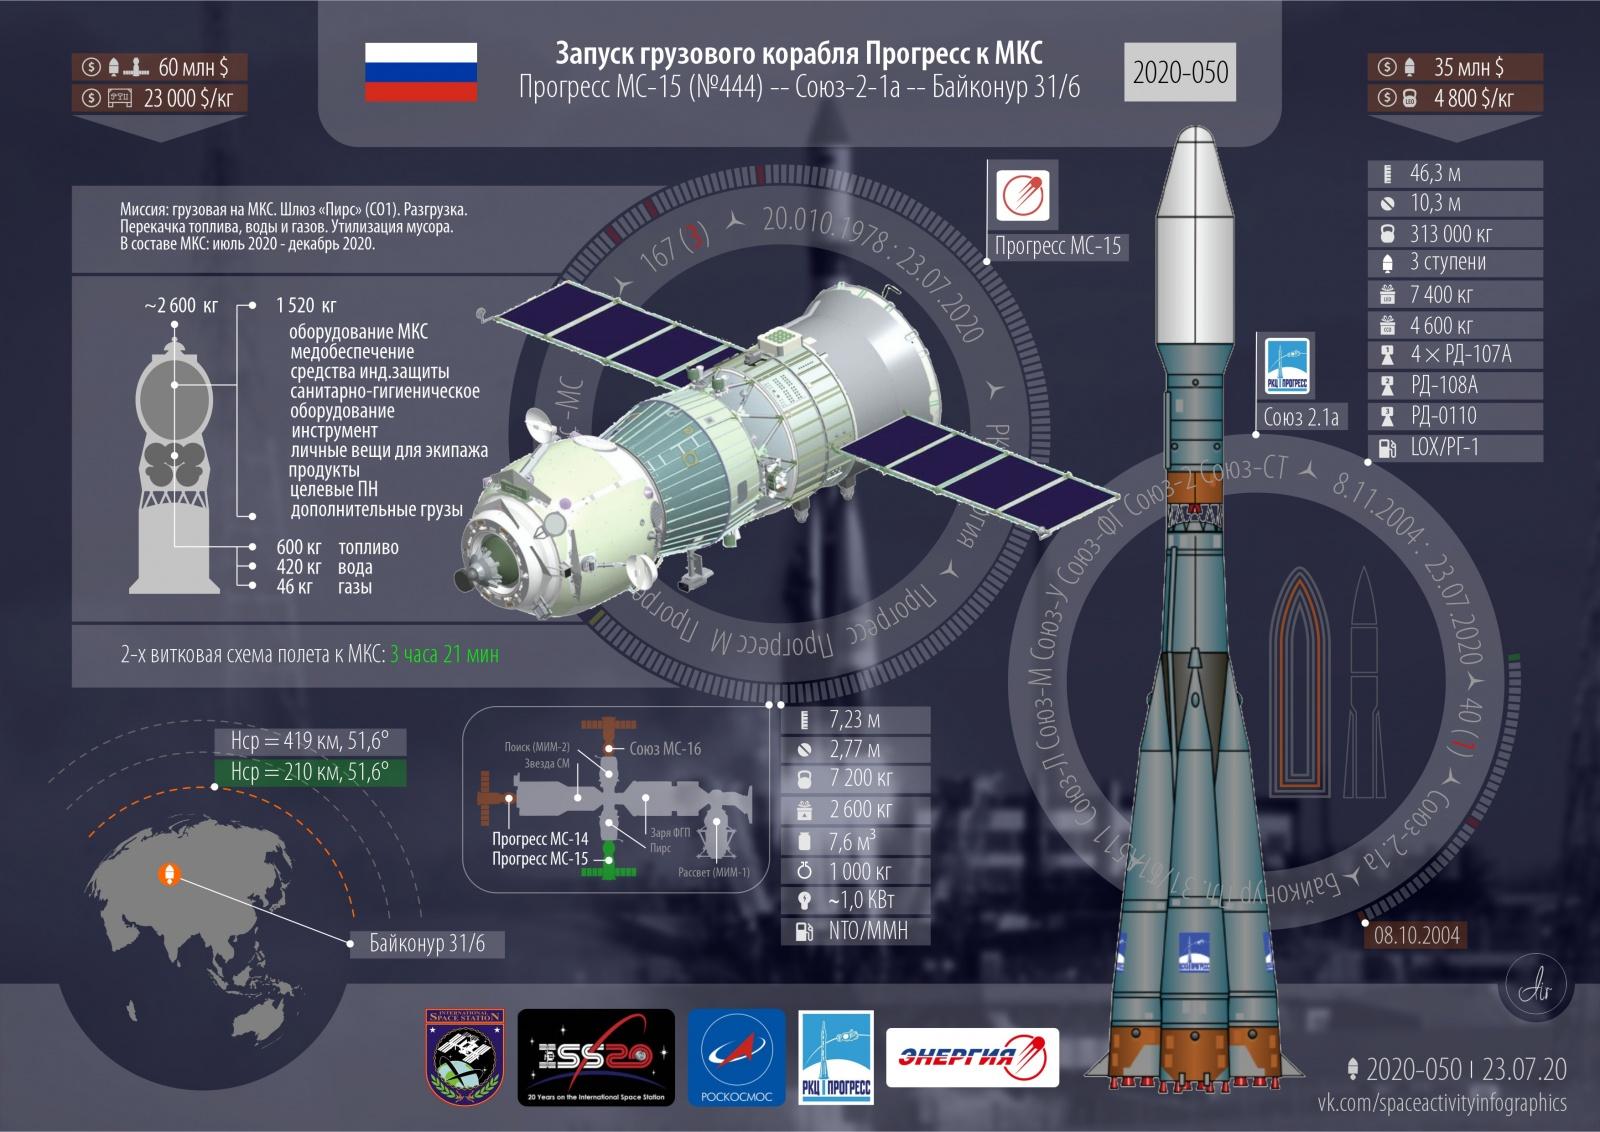 Успешный запуск. Грузовой корабль к МКС. Запуски 2020 года: 56-й; 50-й успешный; 8-й от России - 2